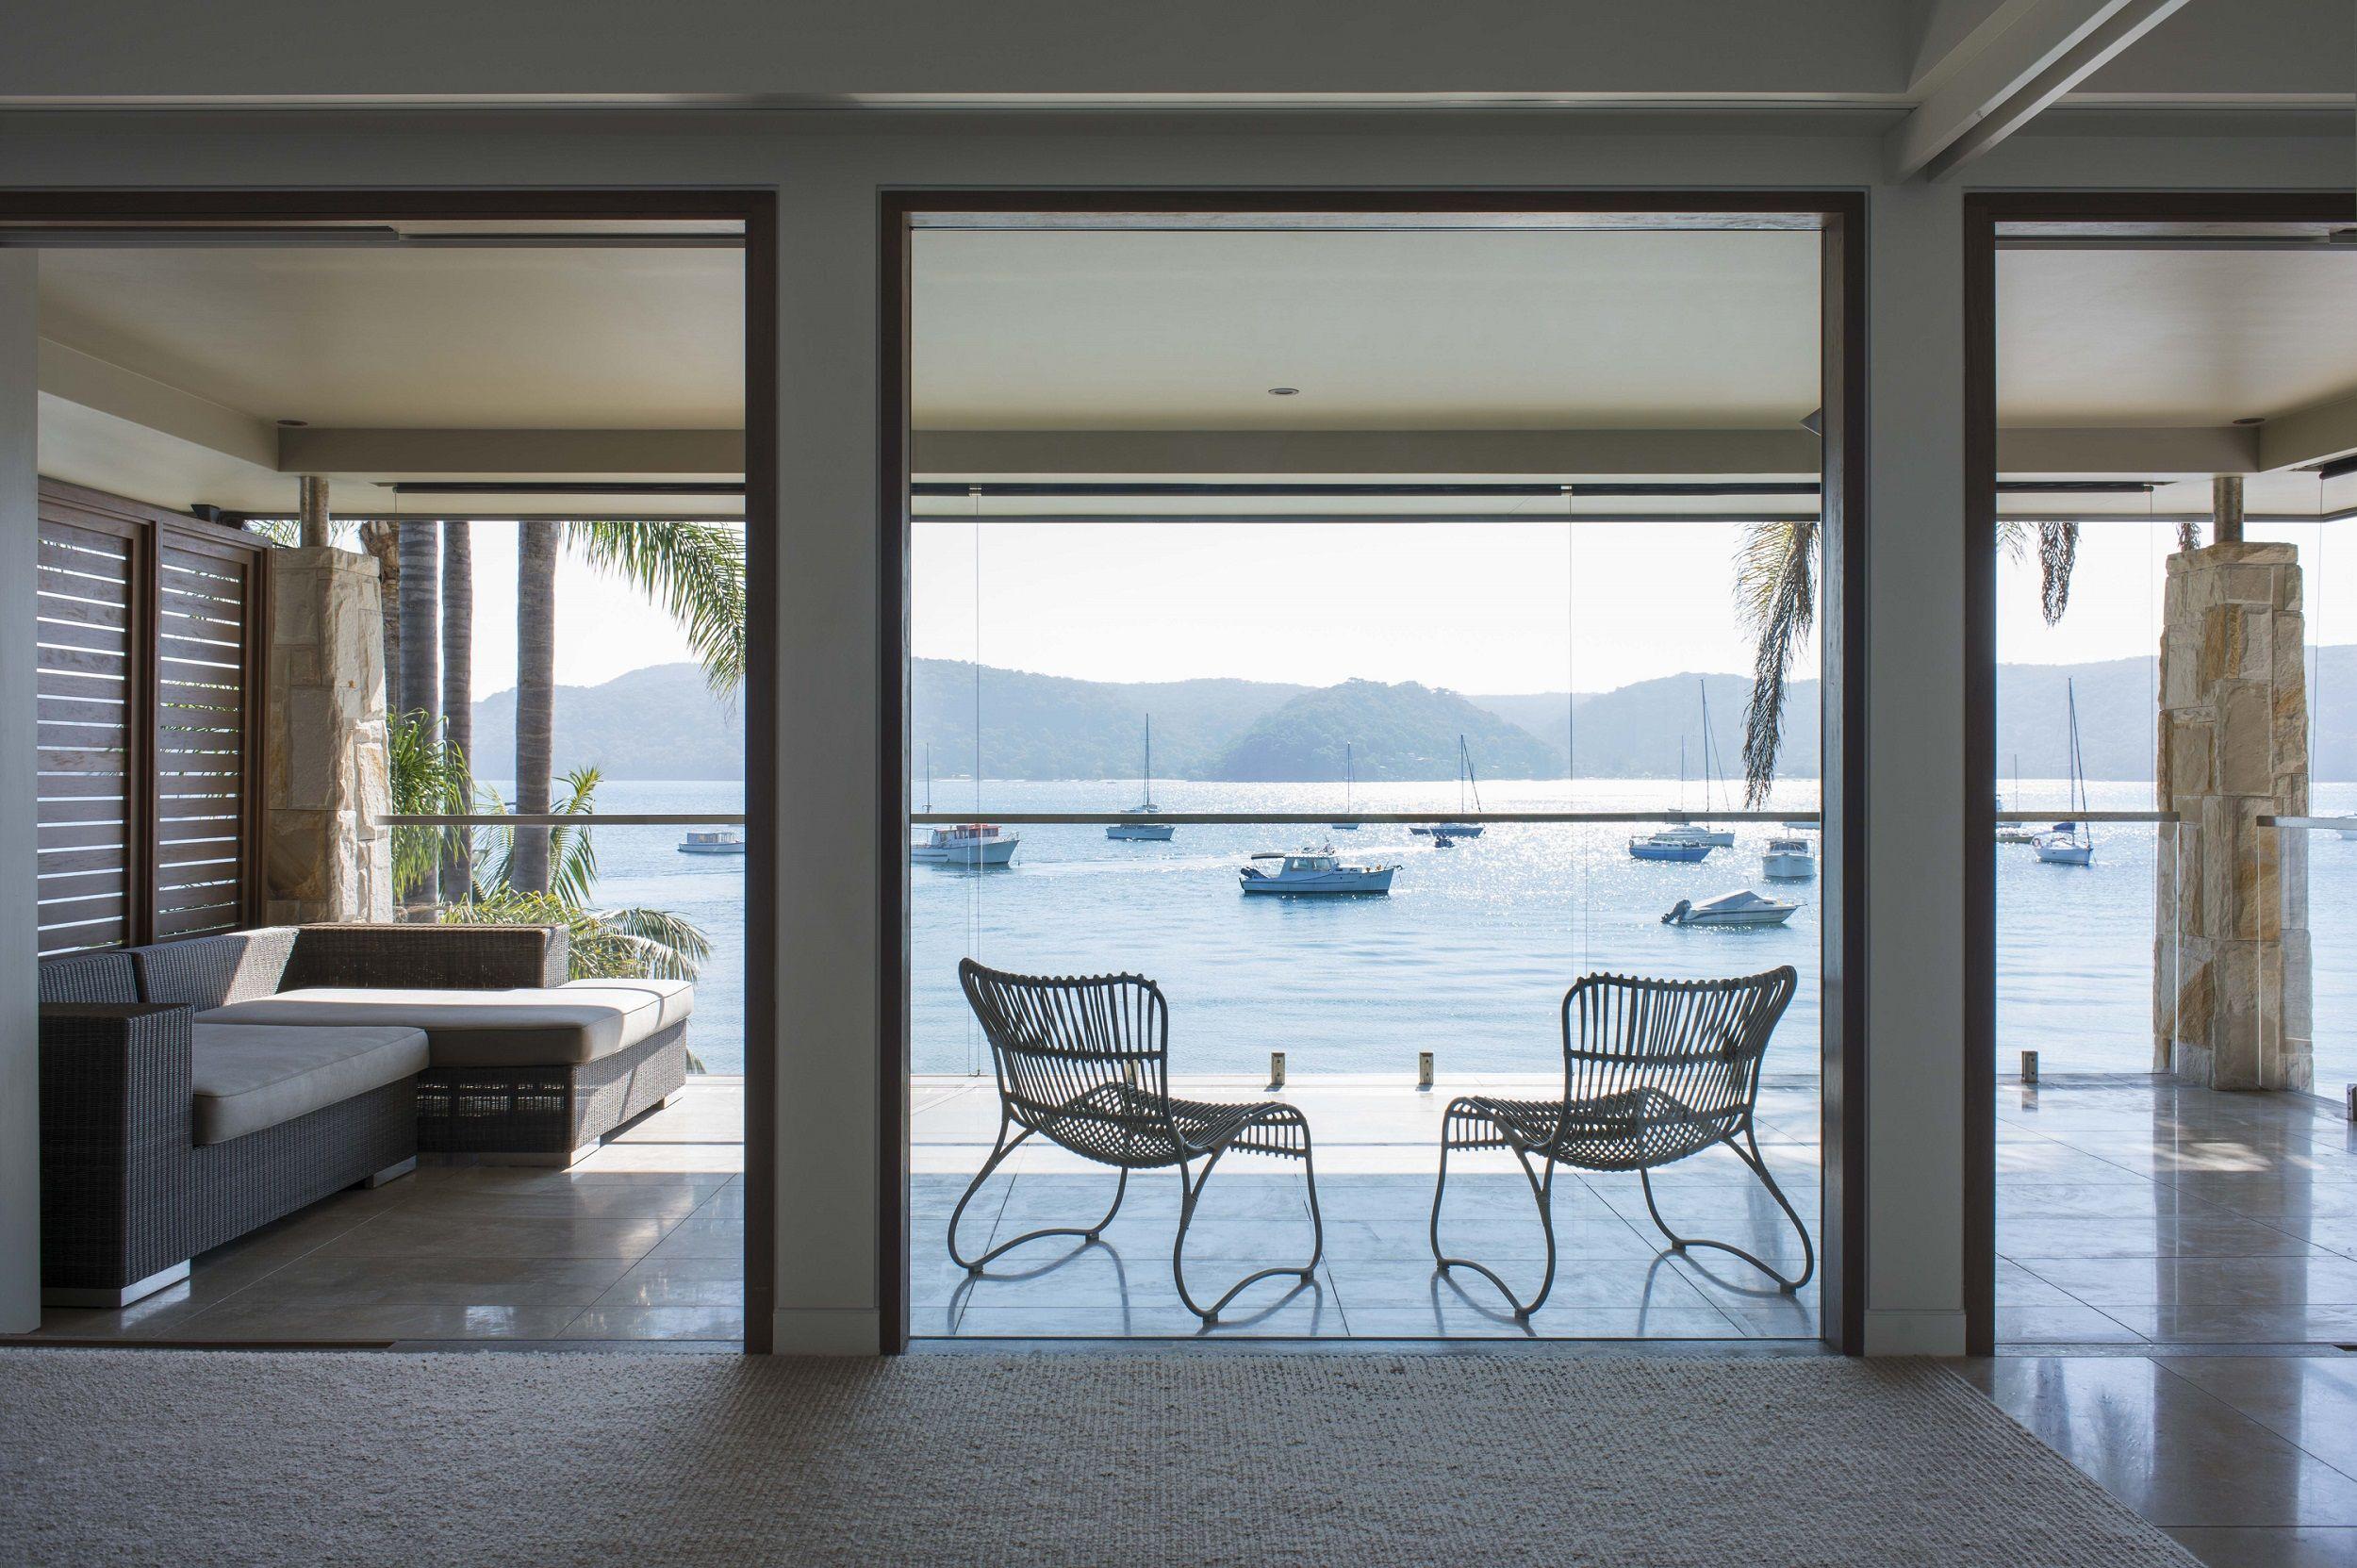 Beste Budget Küche Makeovers Sydney Galerie - Küche Set Ideen ...